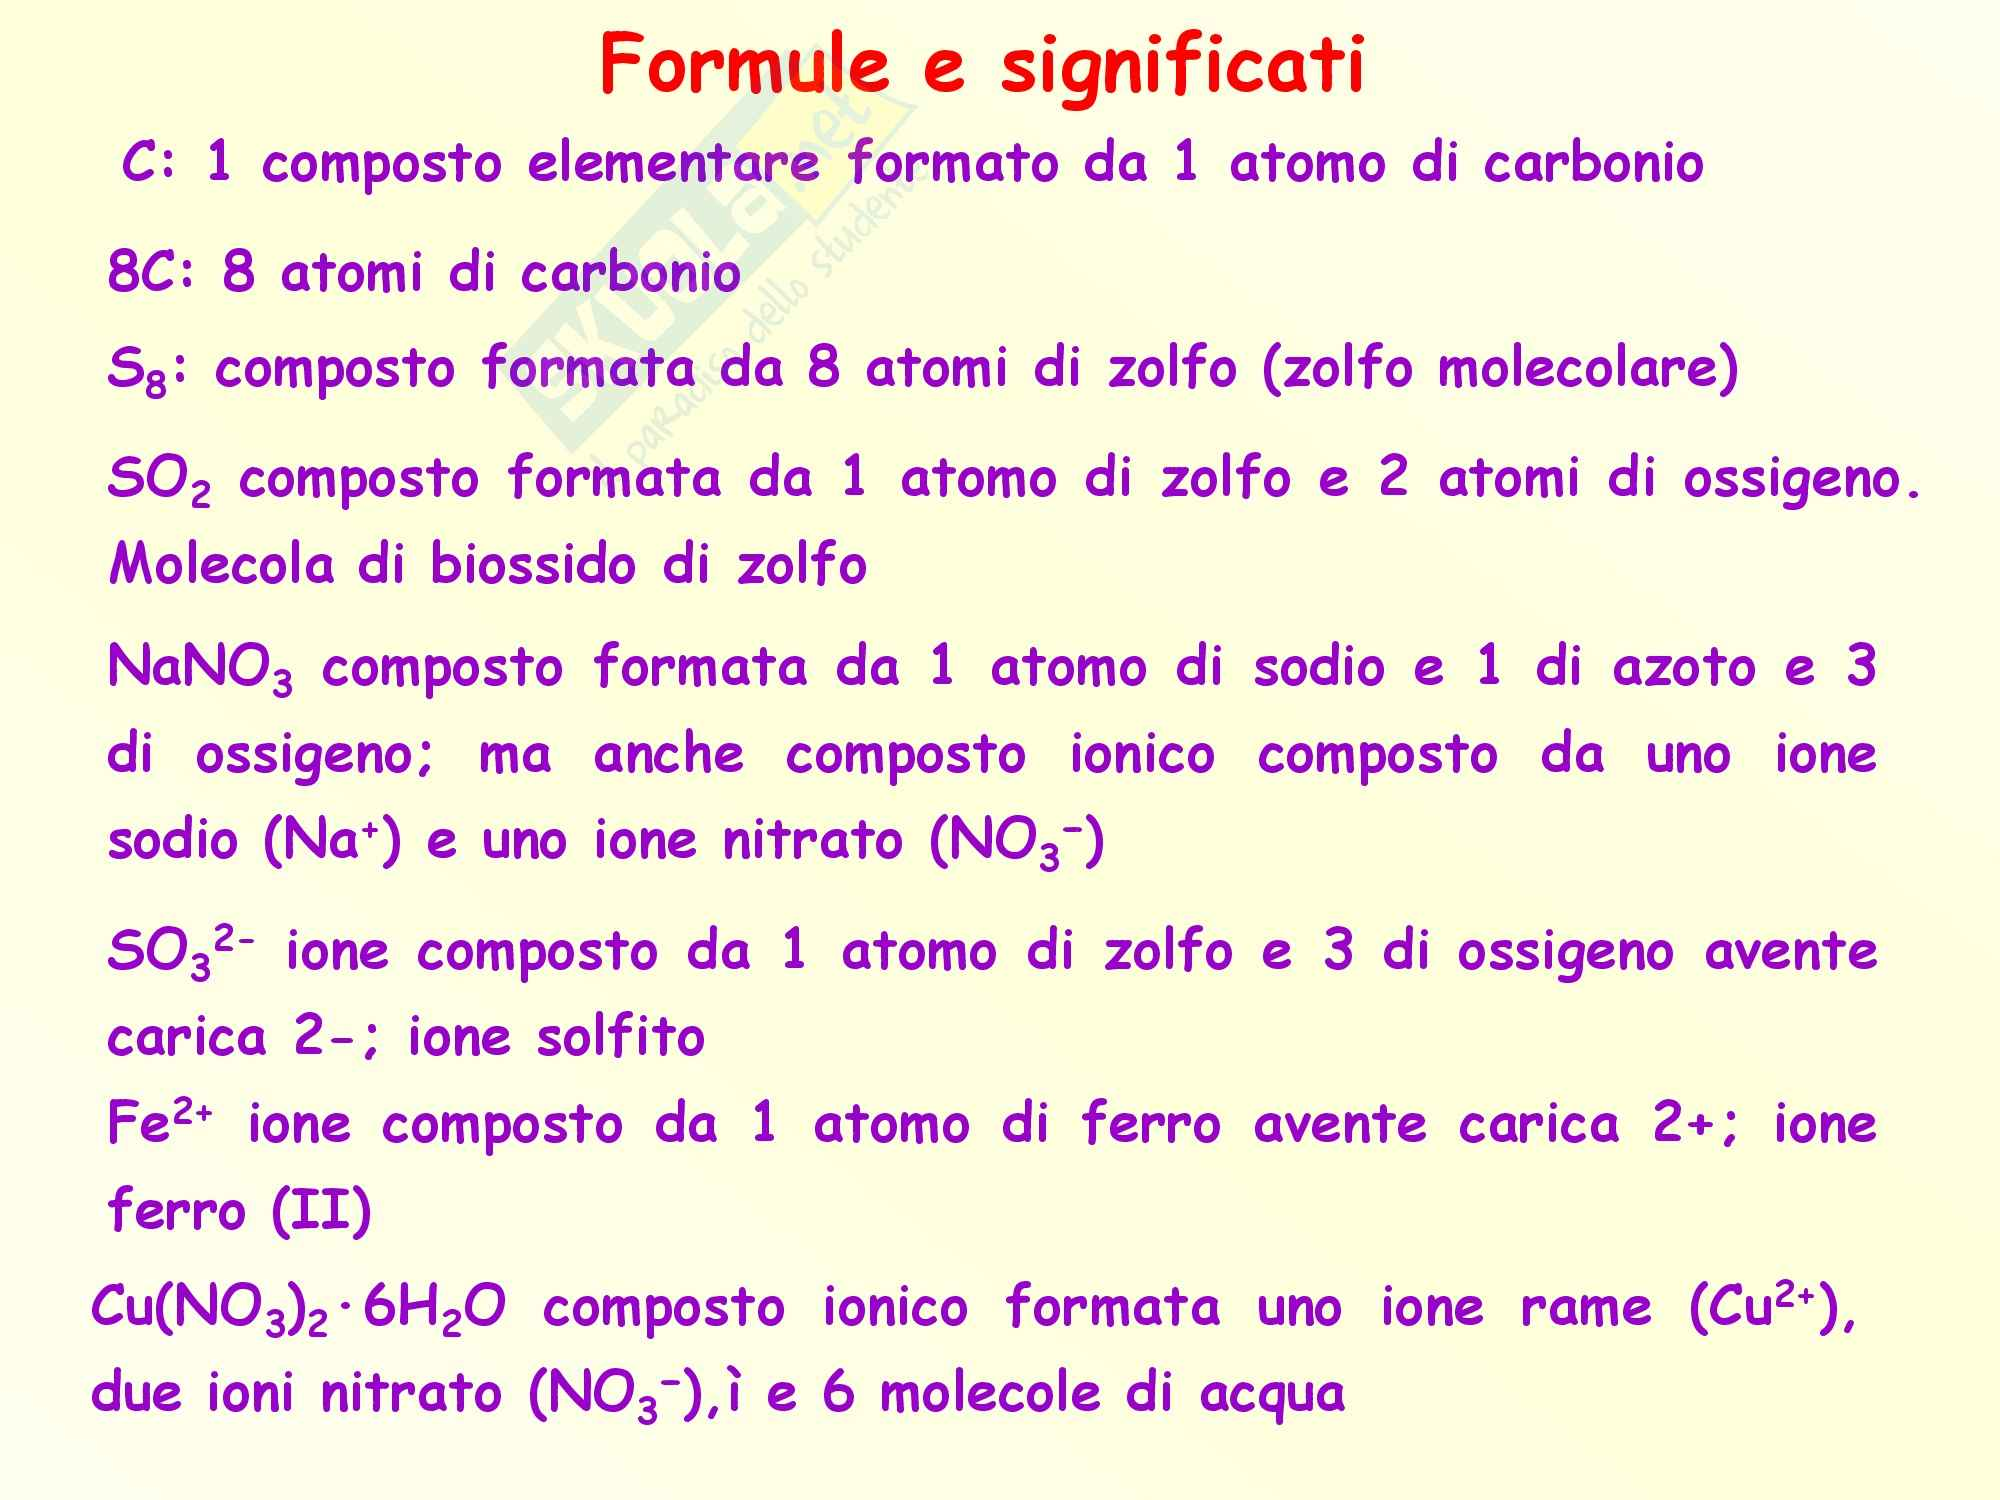 Chimica inorganica - formule, significati e mole